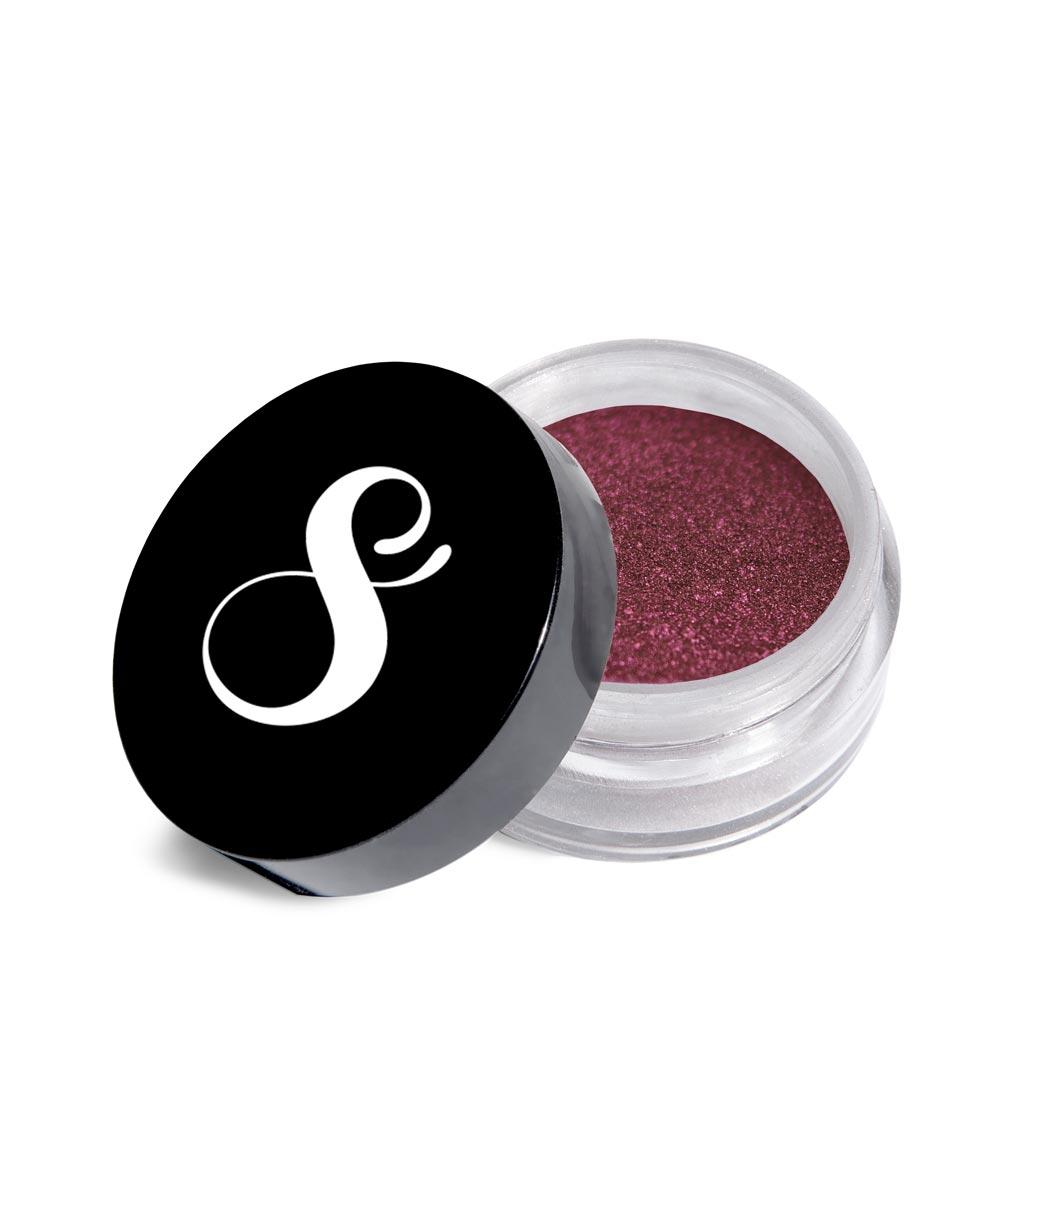 Asa de Borboleta Pigmento Suelen Makeup Cor S69  - SUELEN MAKEUP